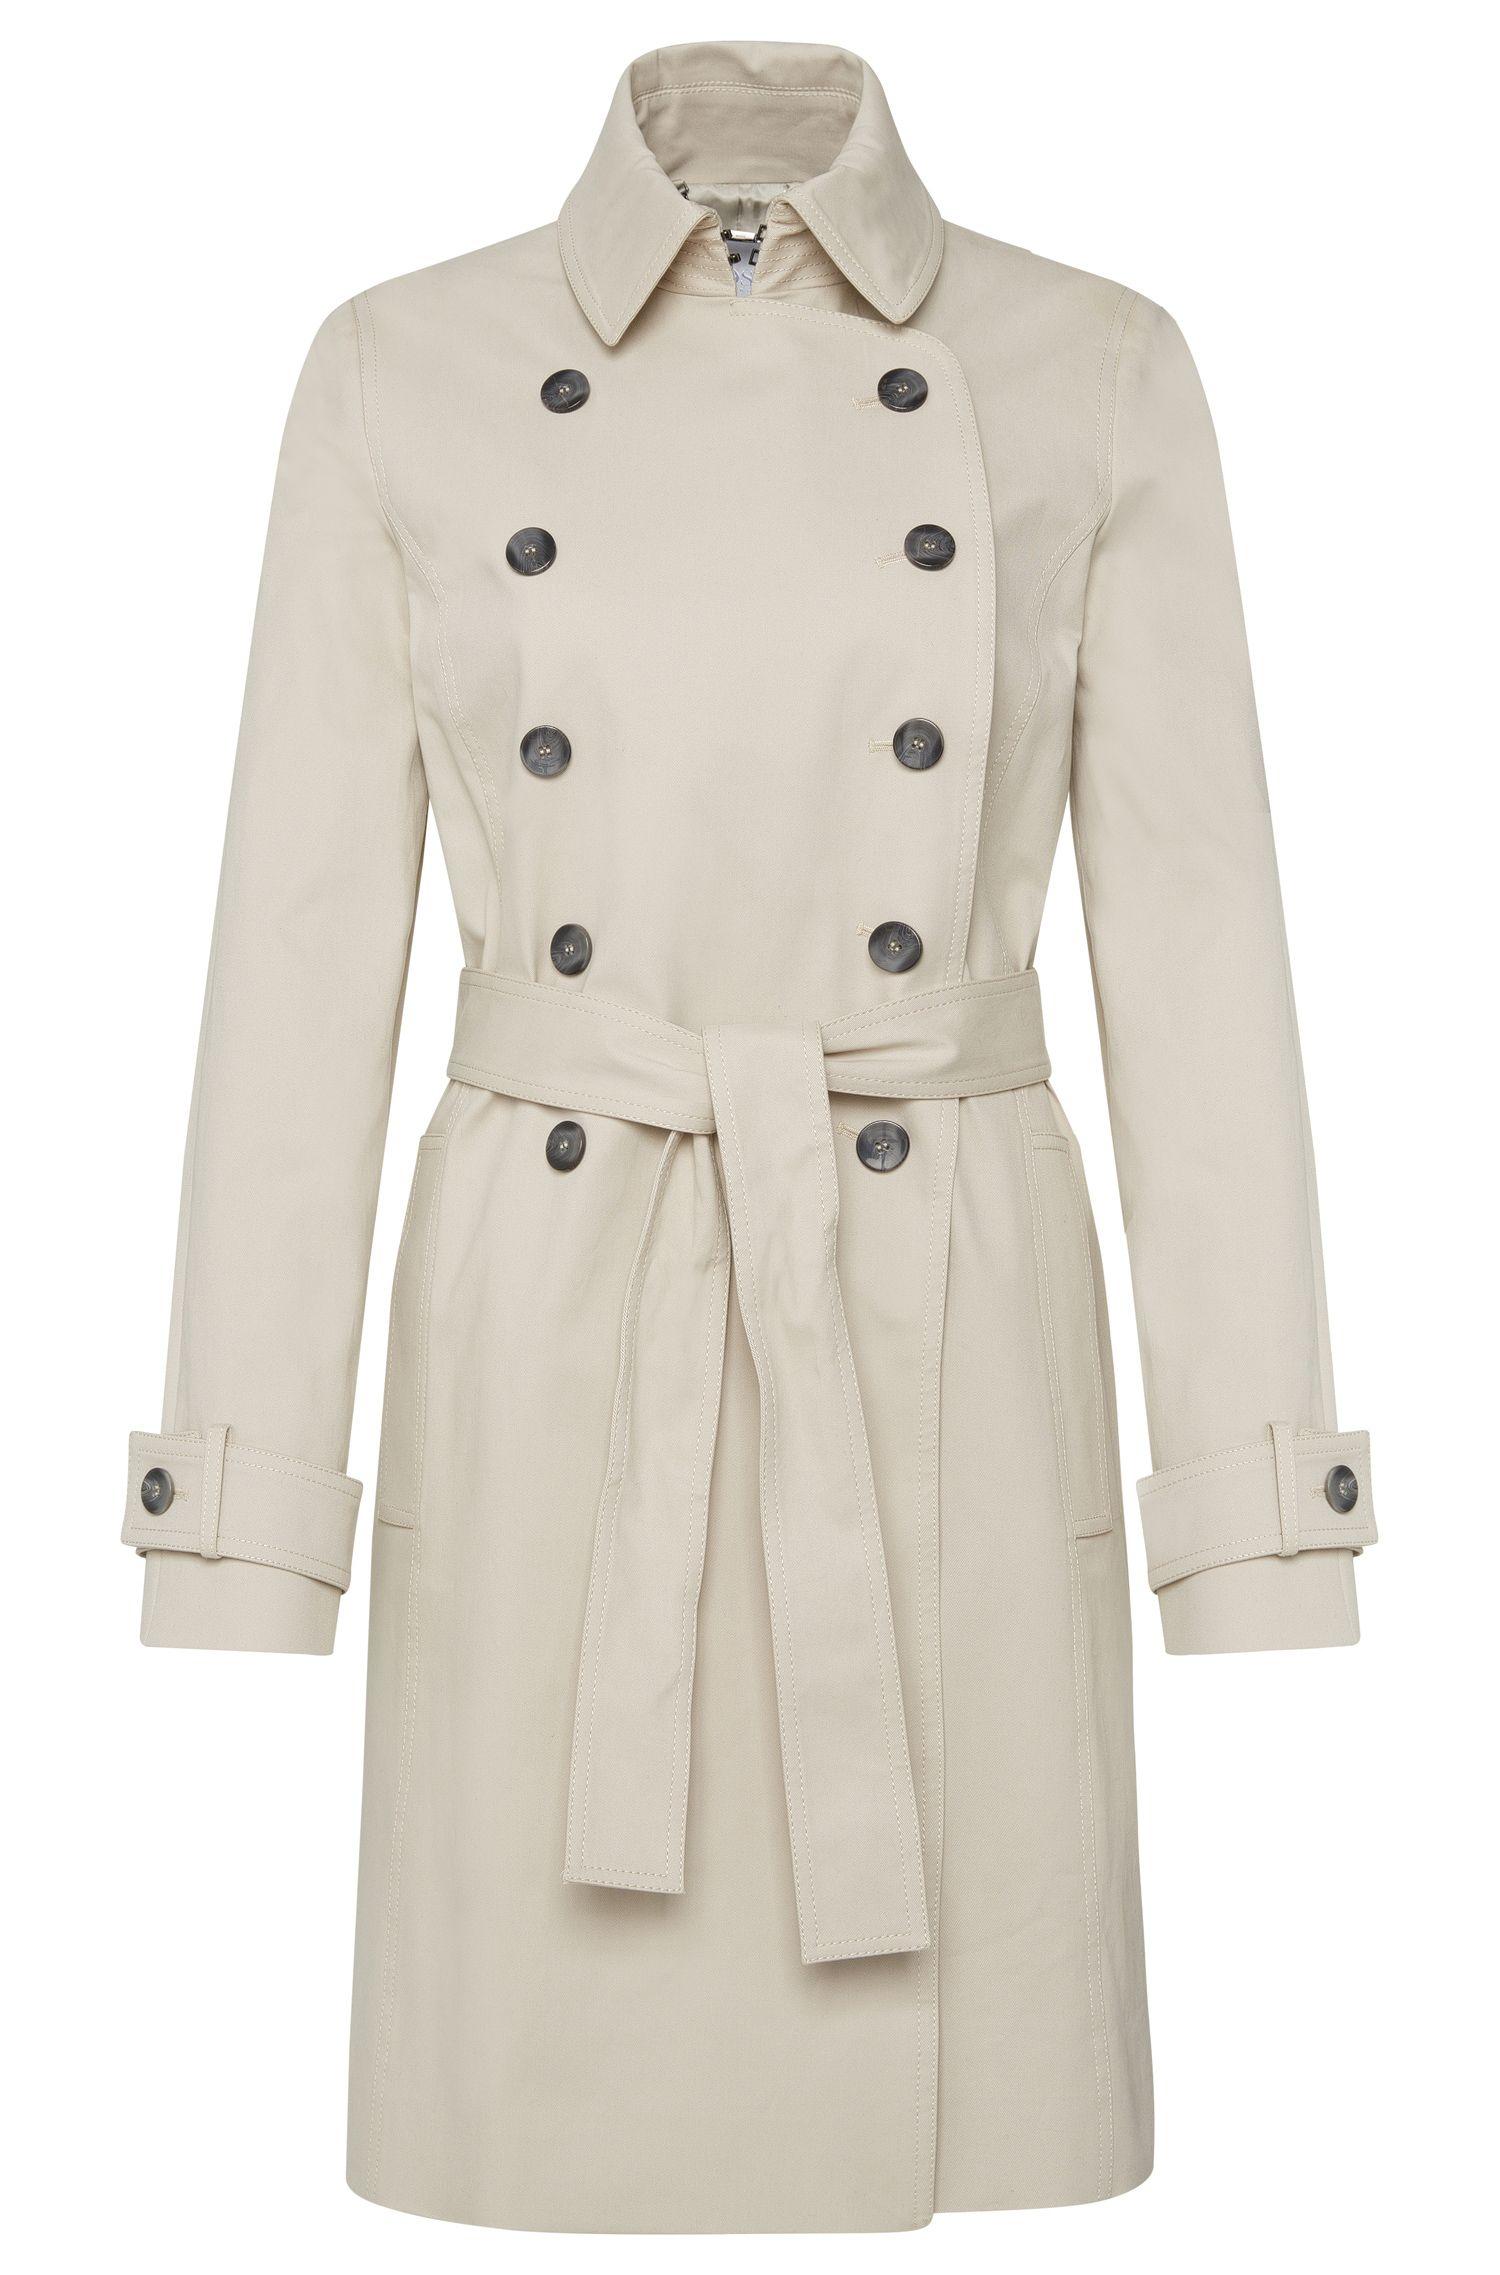 Abrigo en algodón elástico con tapeta de botones doble:  'Cirala'